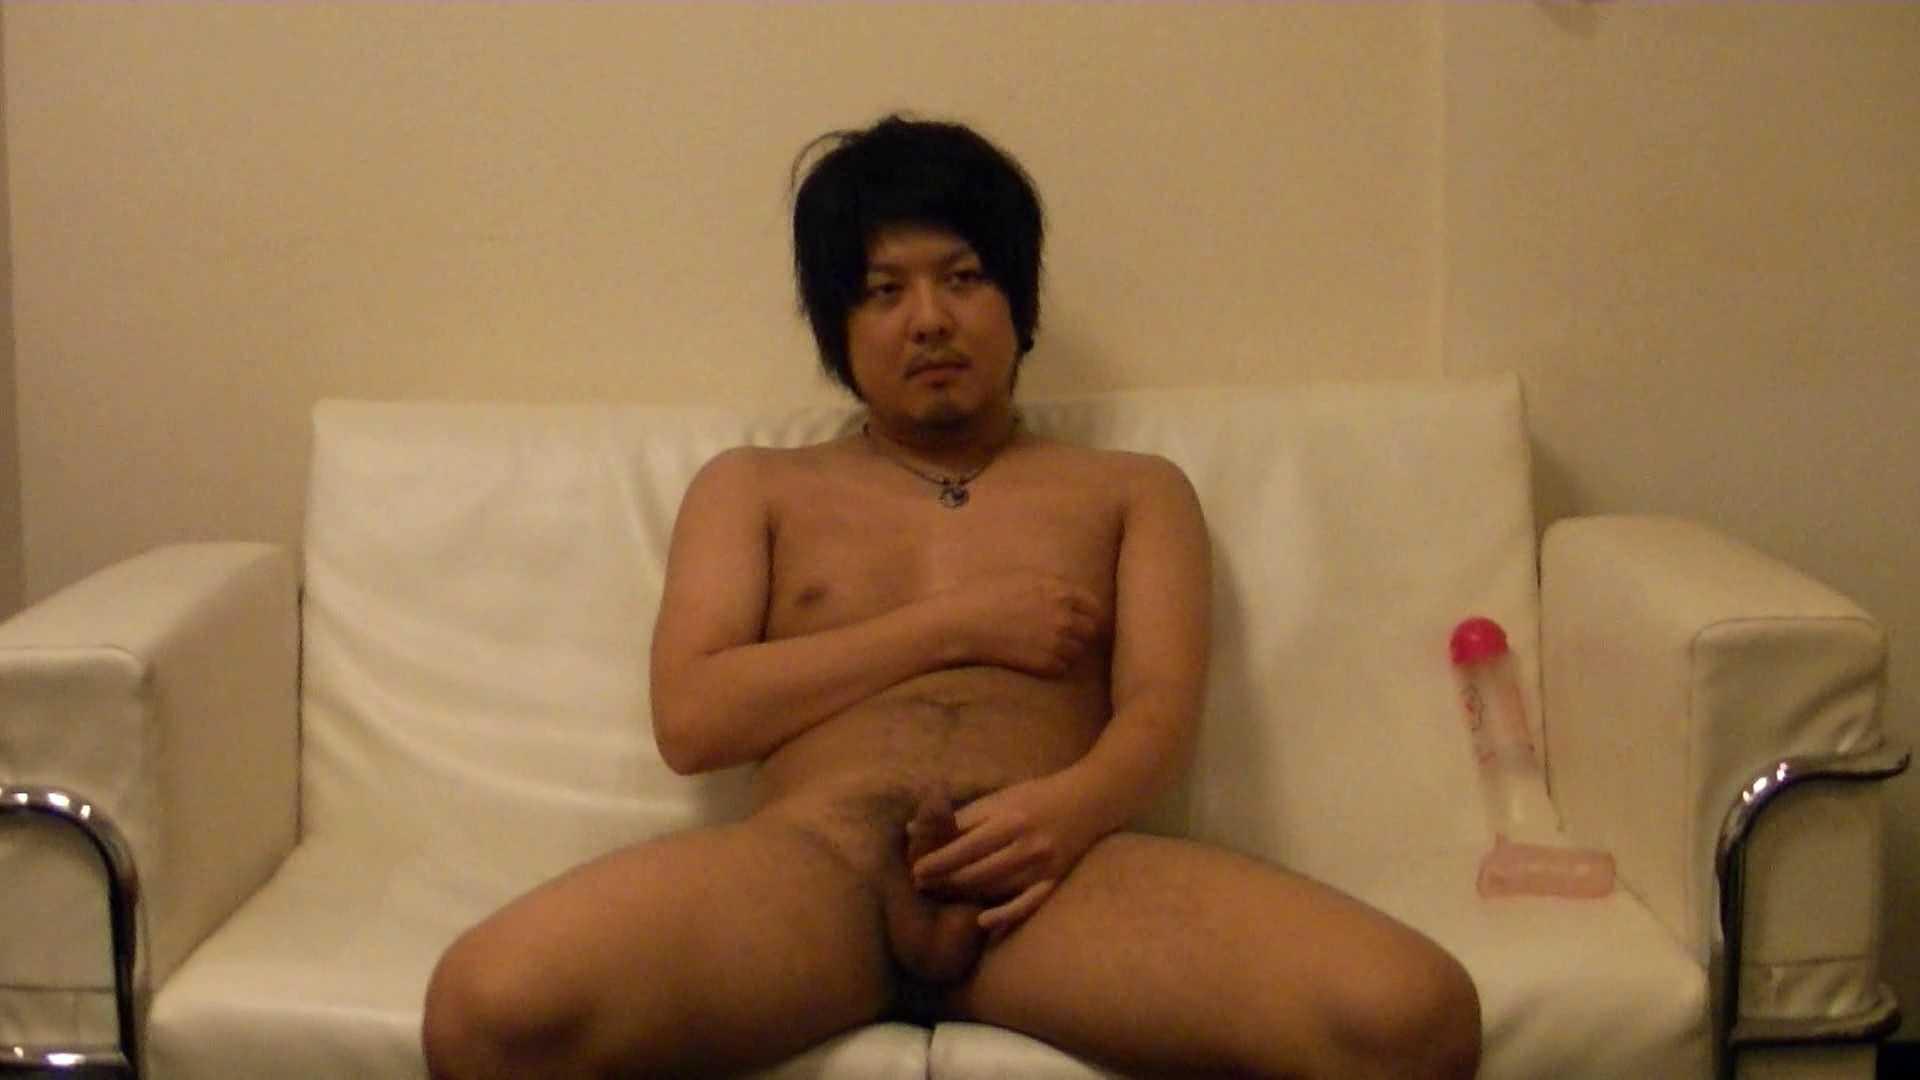 俺タチいつでもオナってGOGO!!Vol4 タチ  78pic 29